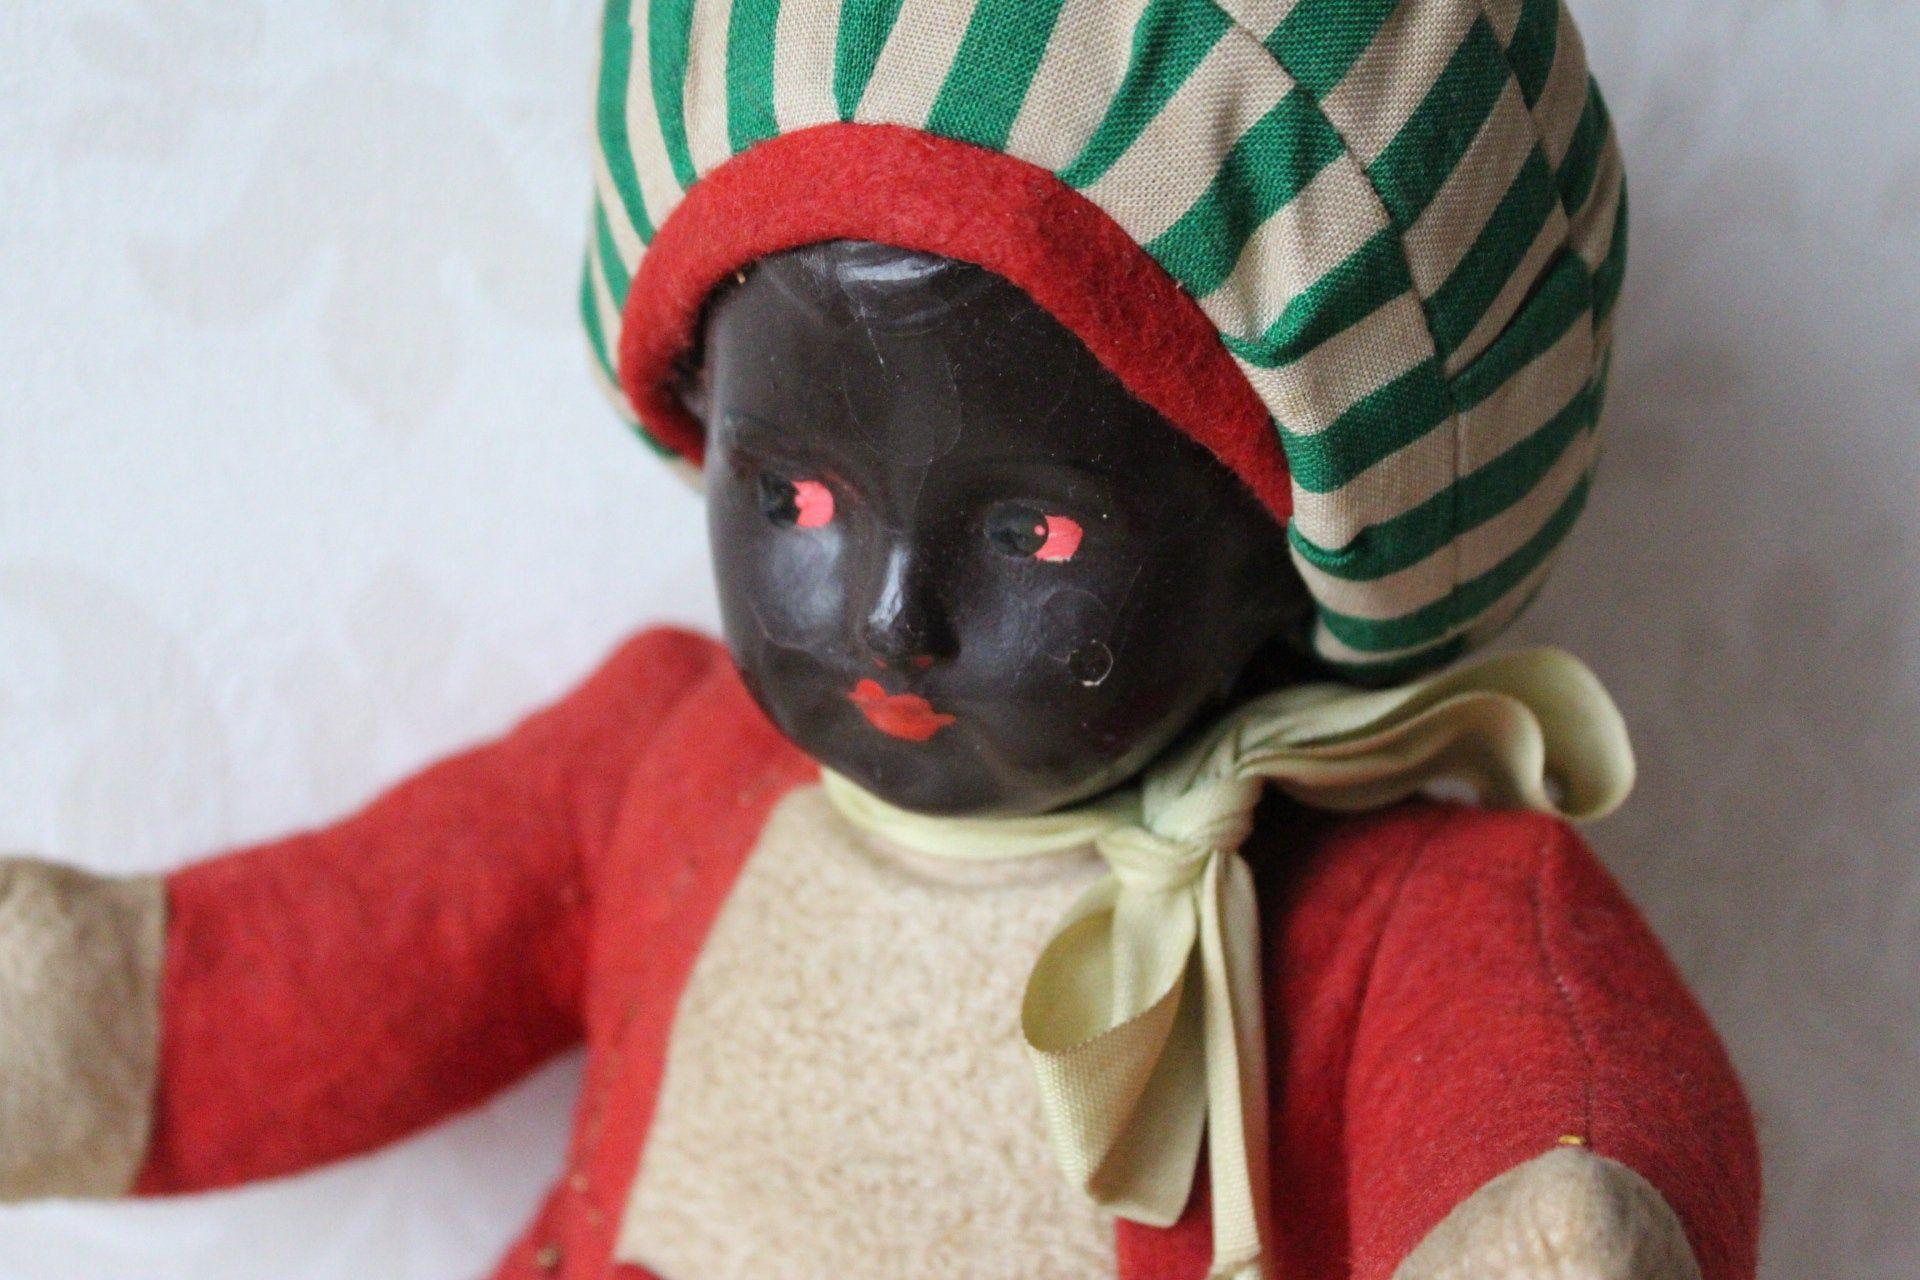 Old Toy Mohr Doll Vintage Tube Doll Old Mohrendoll 20 Er 30 Er